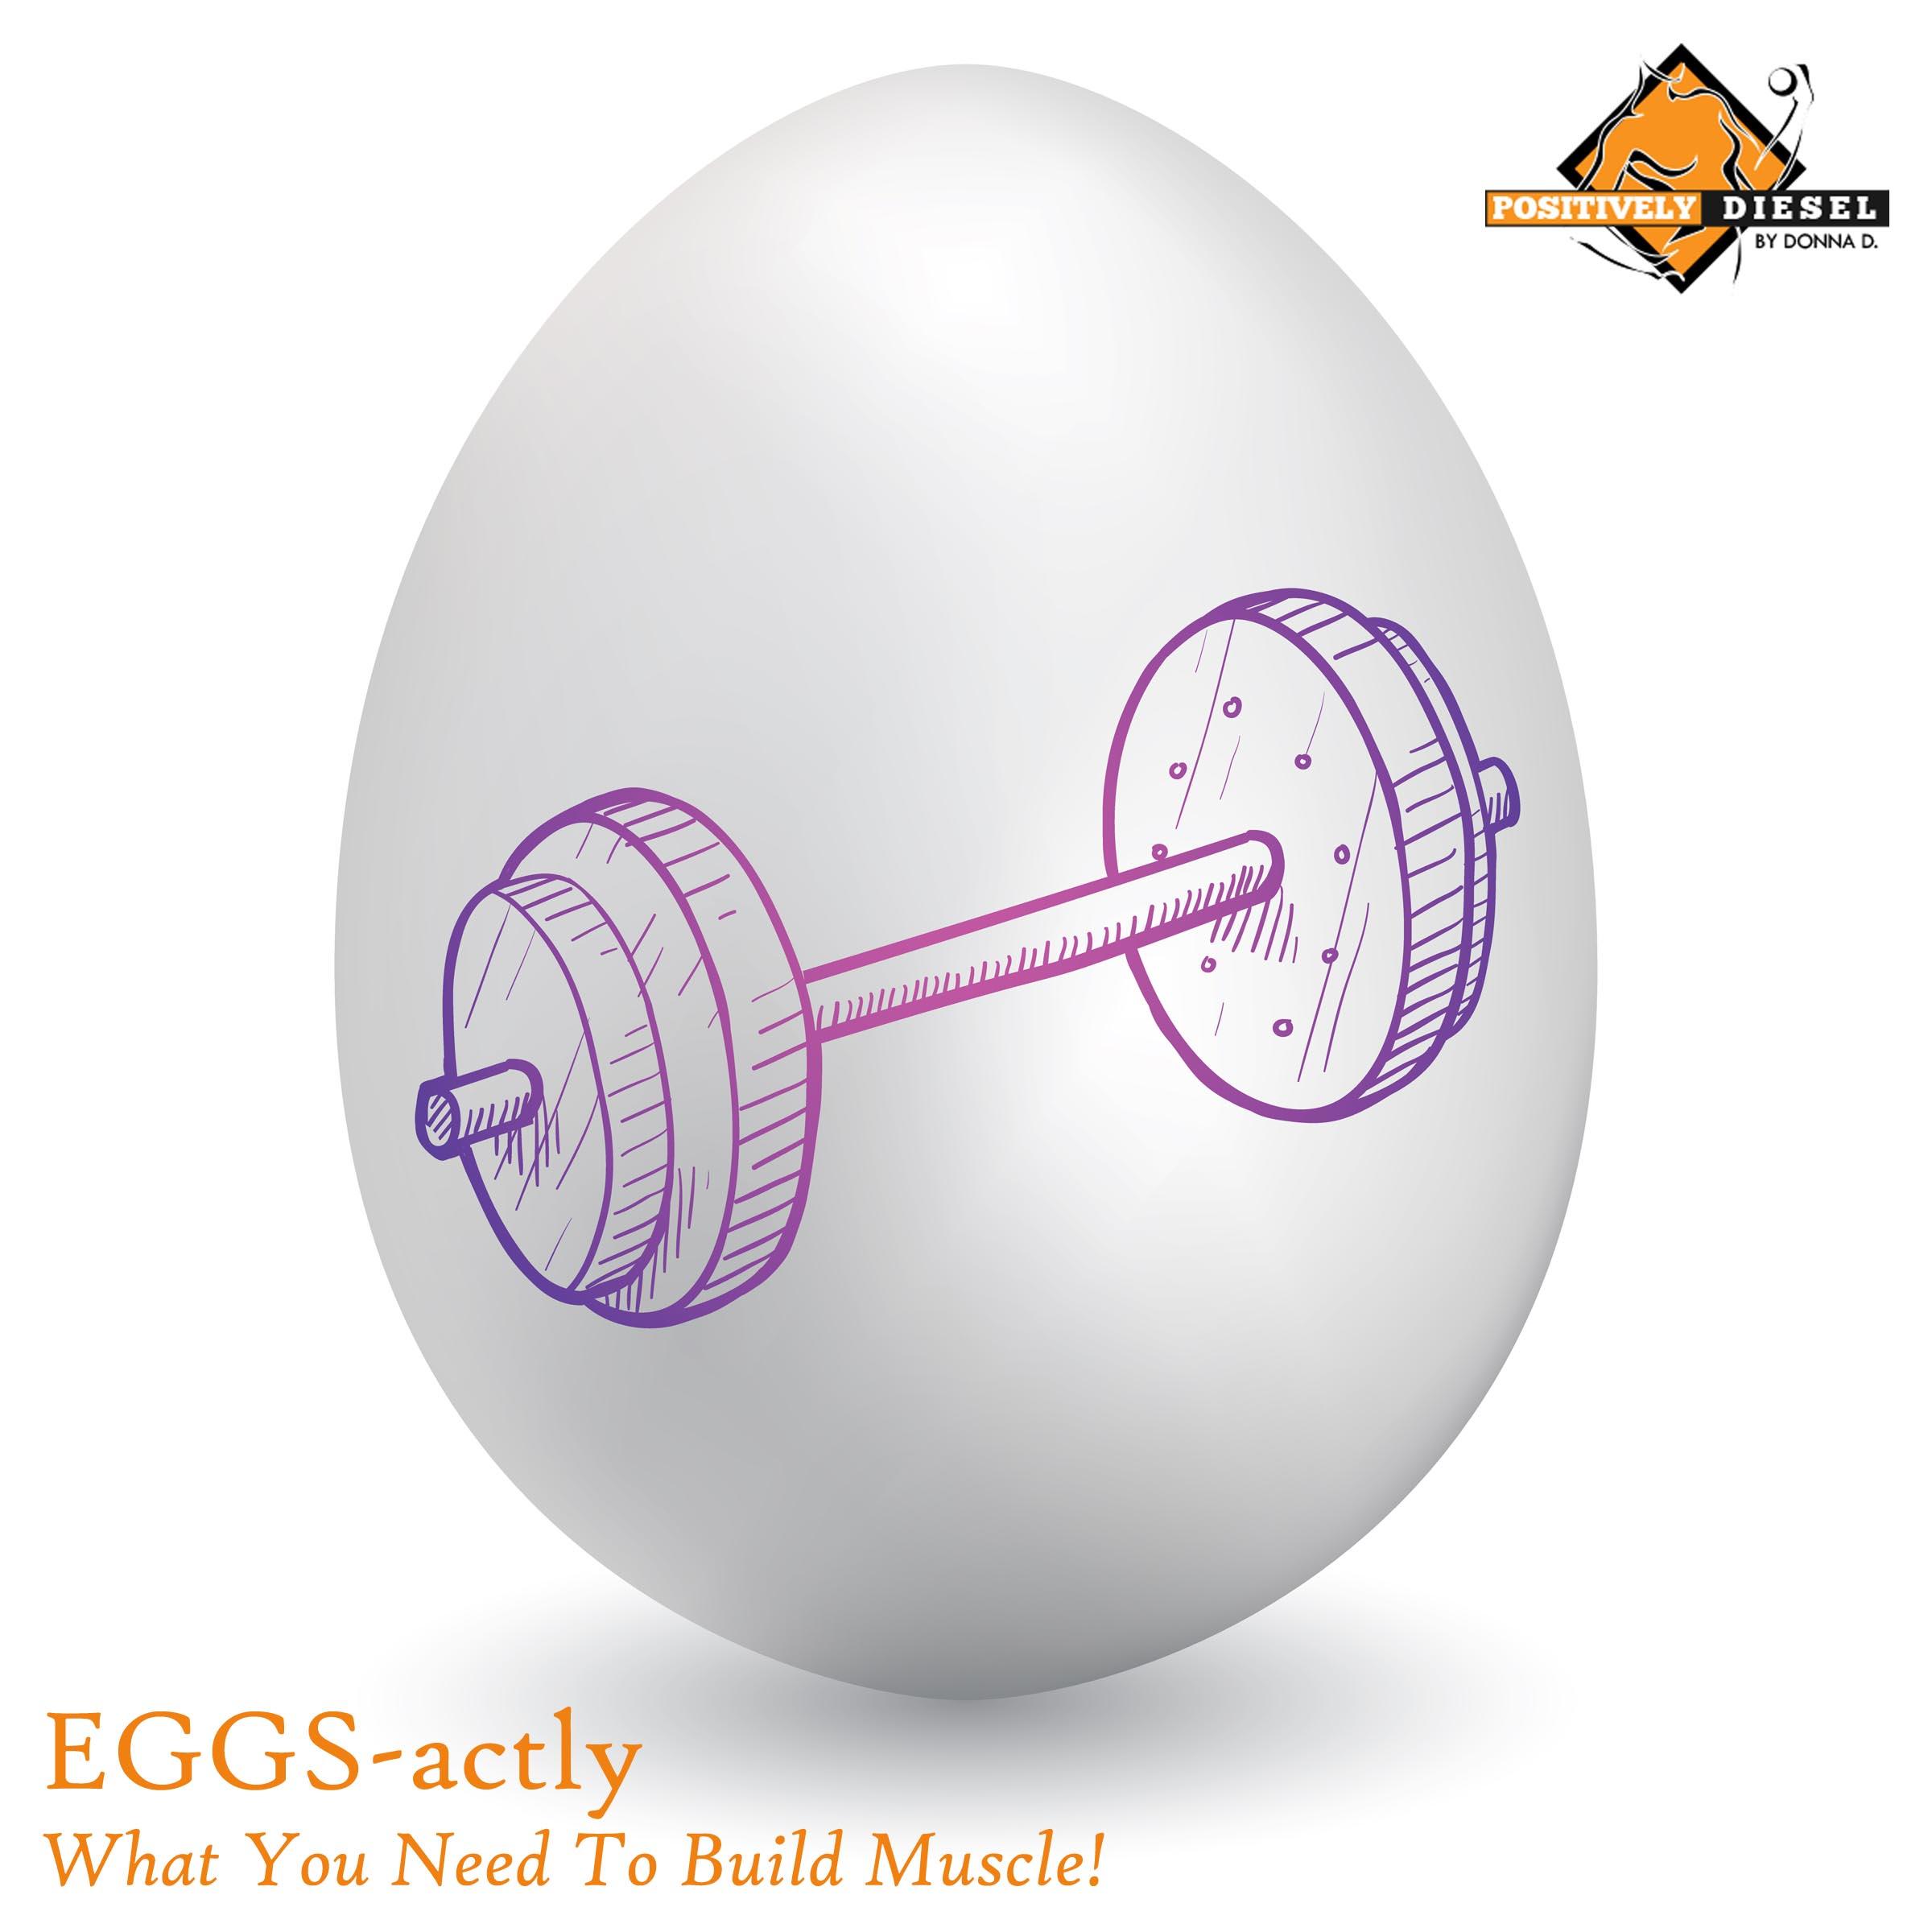 PD_Blog_Image_EggEaster3